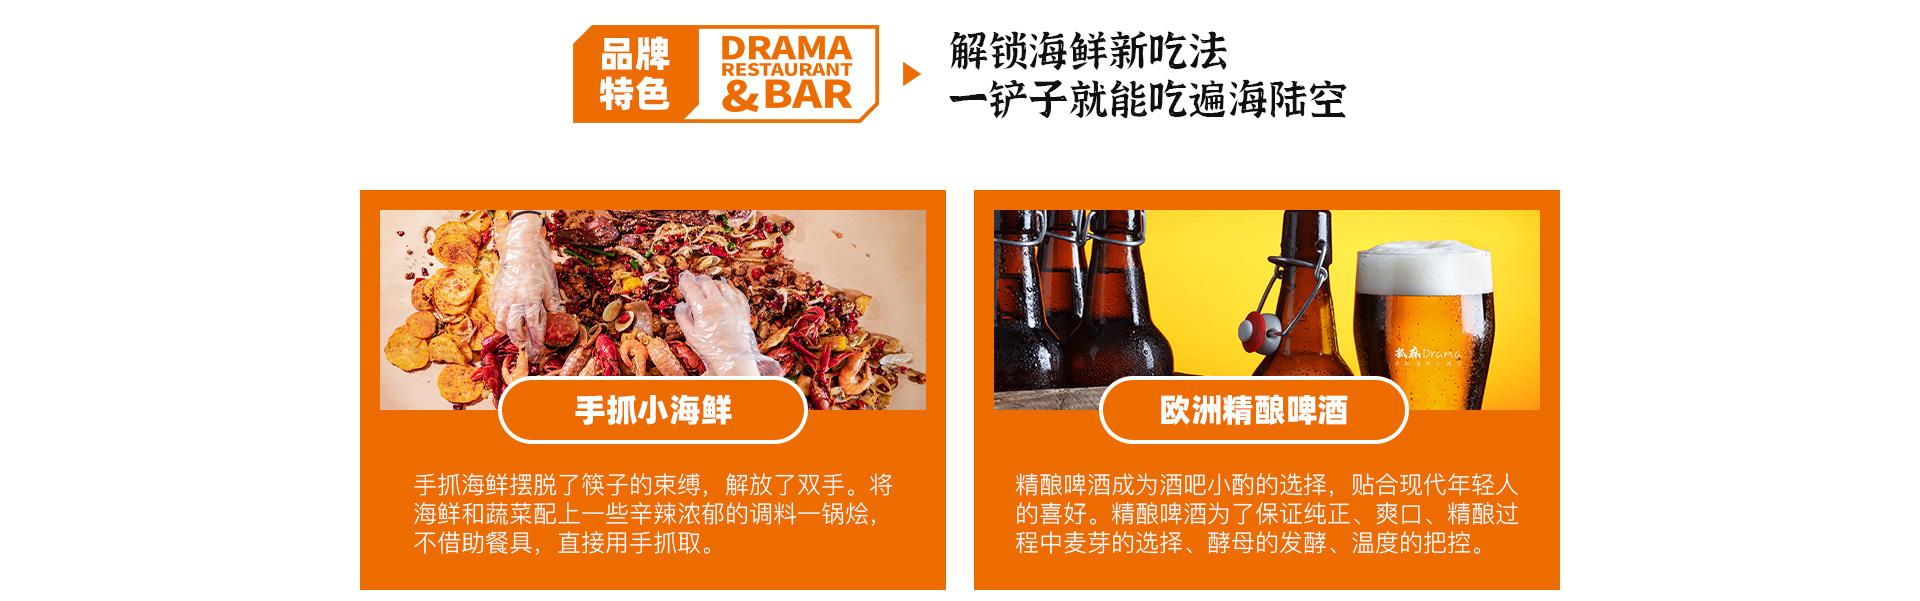 Drama抓麻手抓海鲜小酒馆详情_07